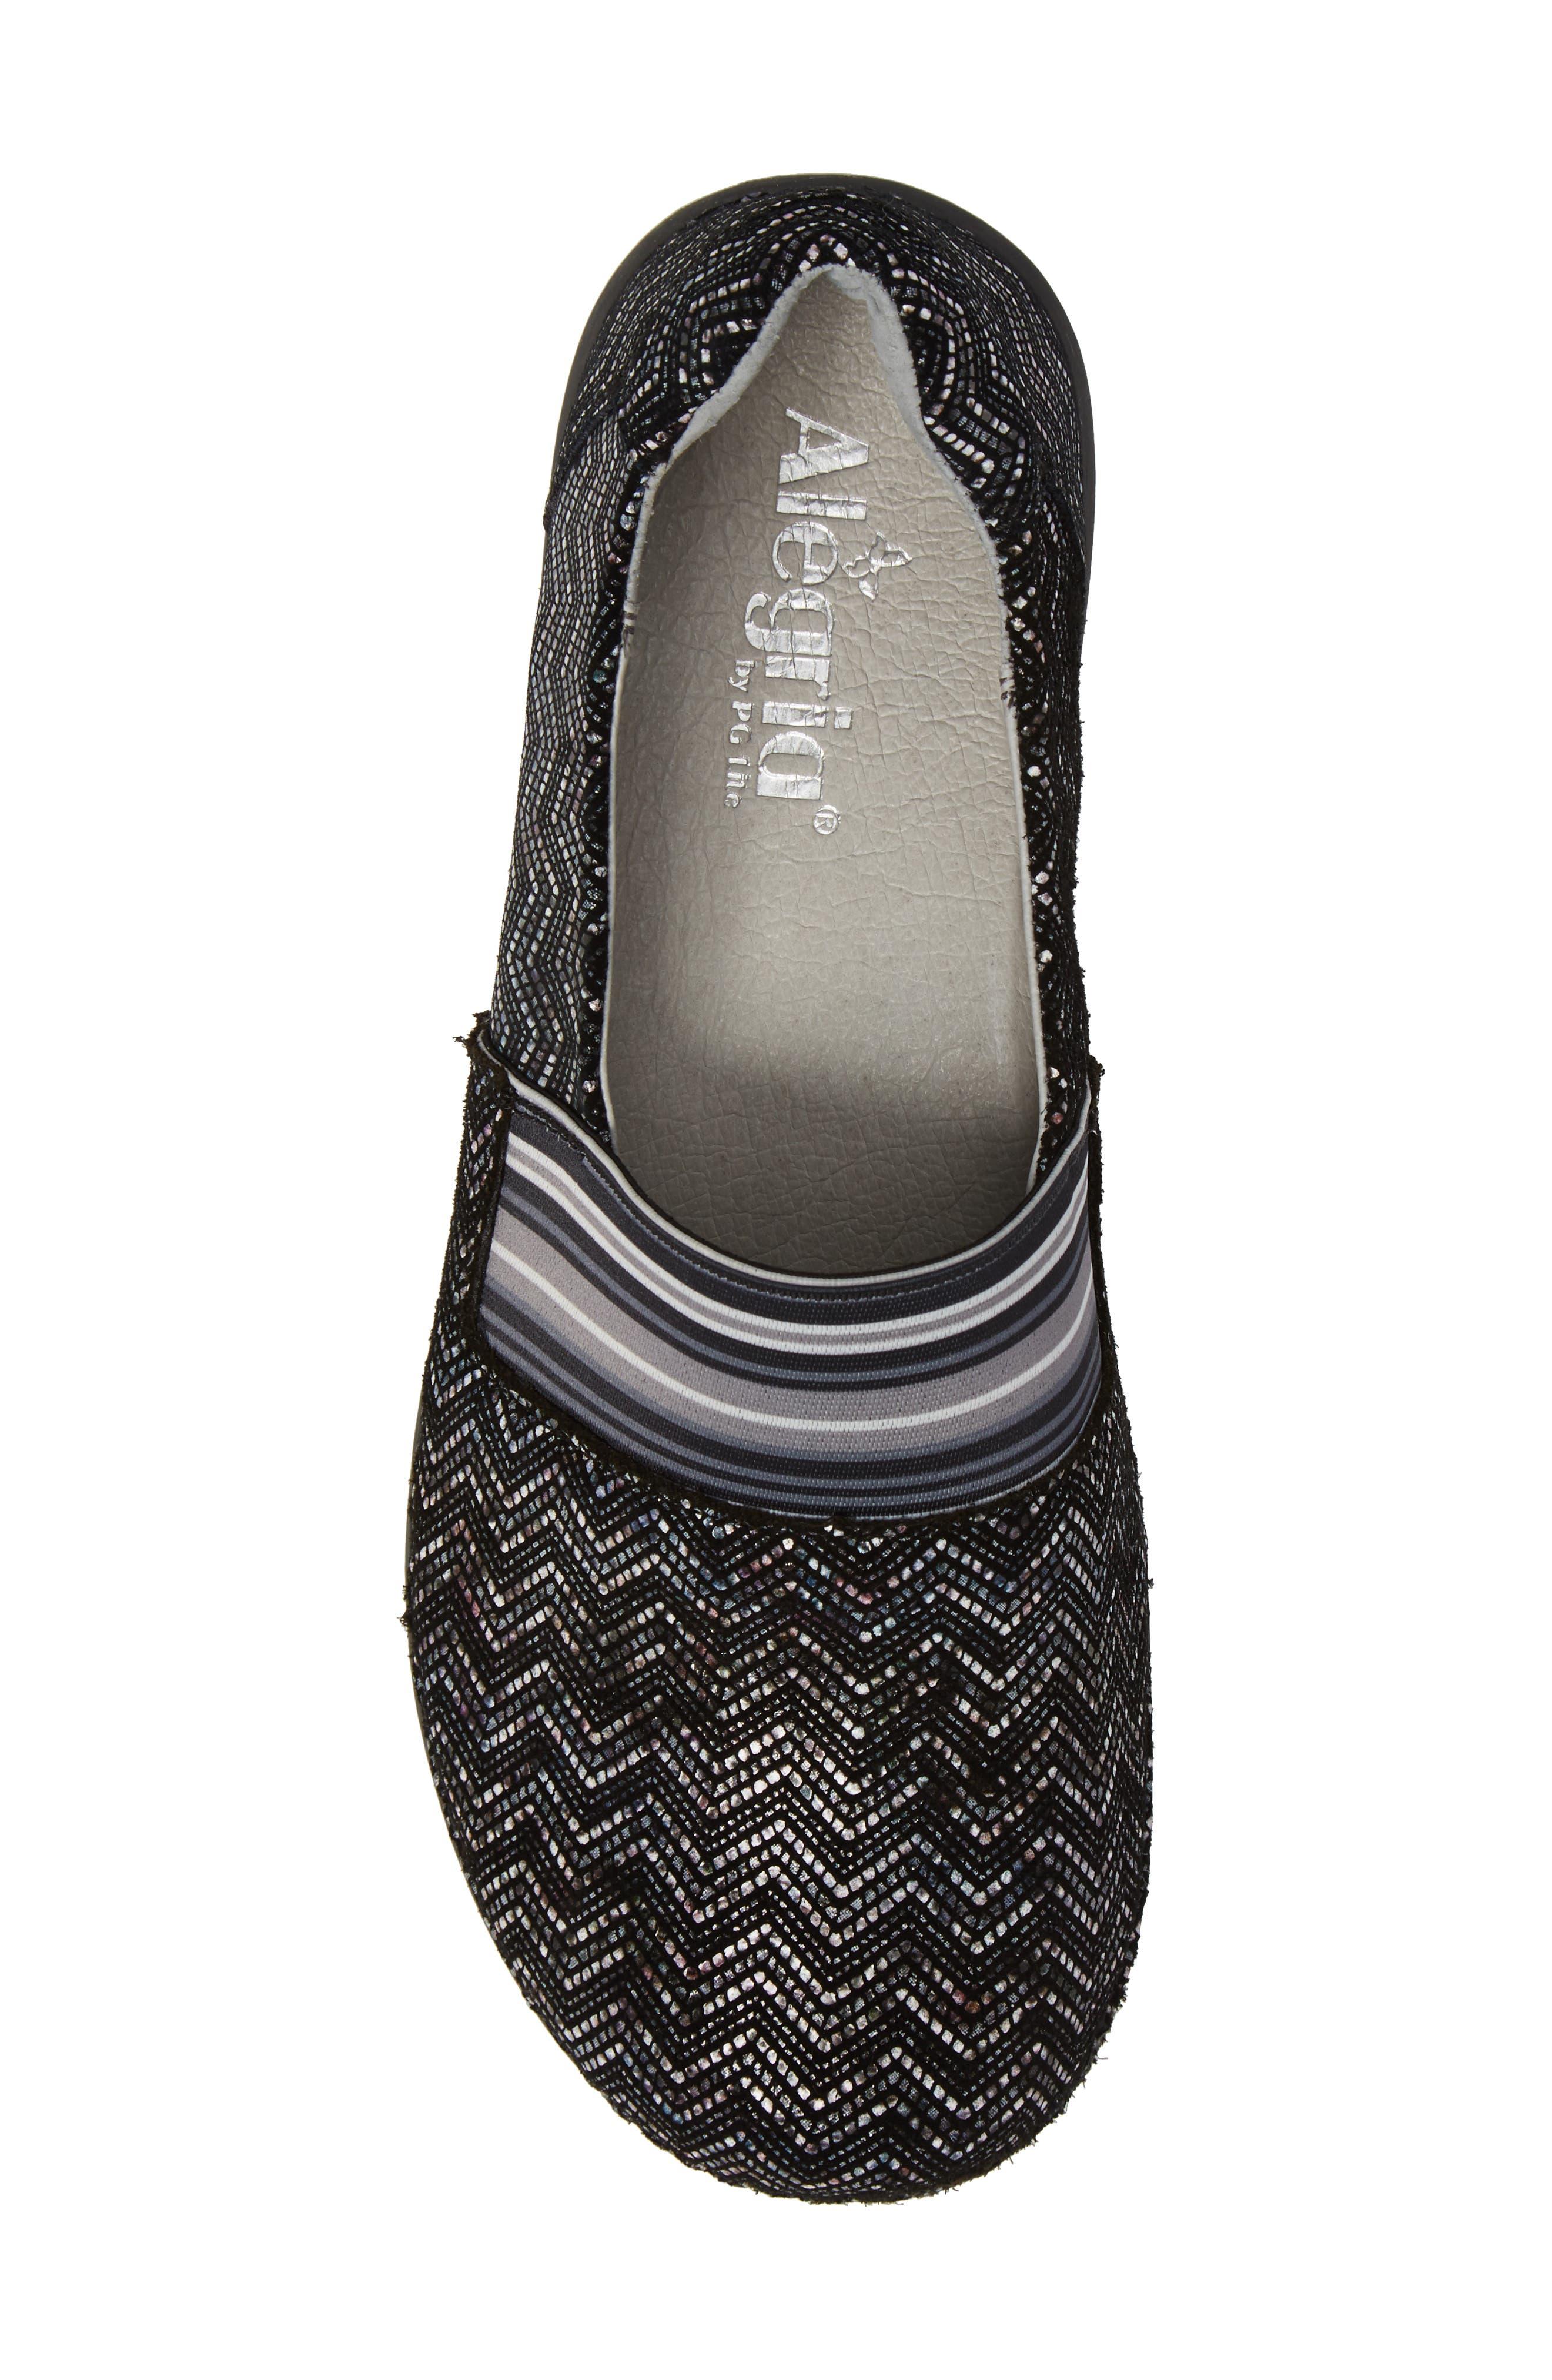 Glee Slip-On Sneaker,                             Alternate thumbnail 5, color,                             001